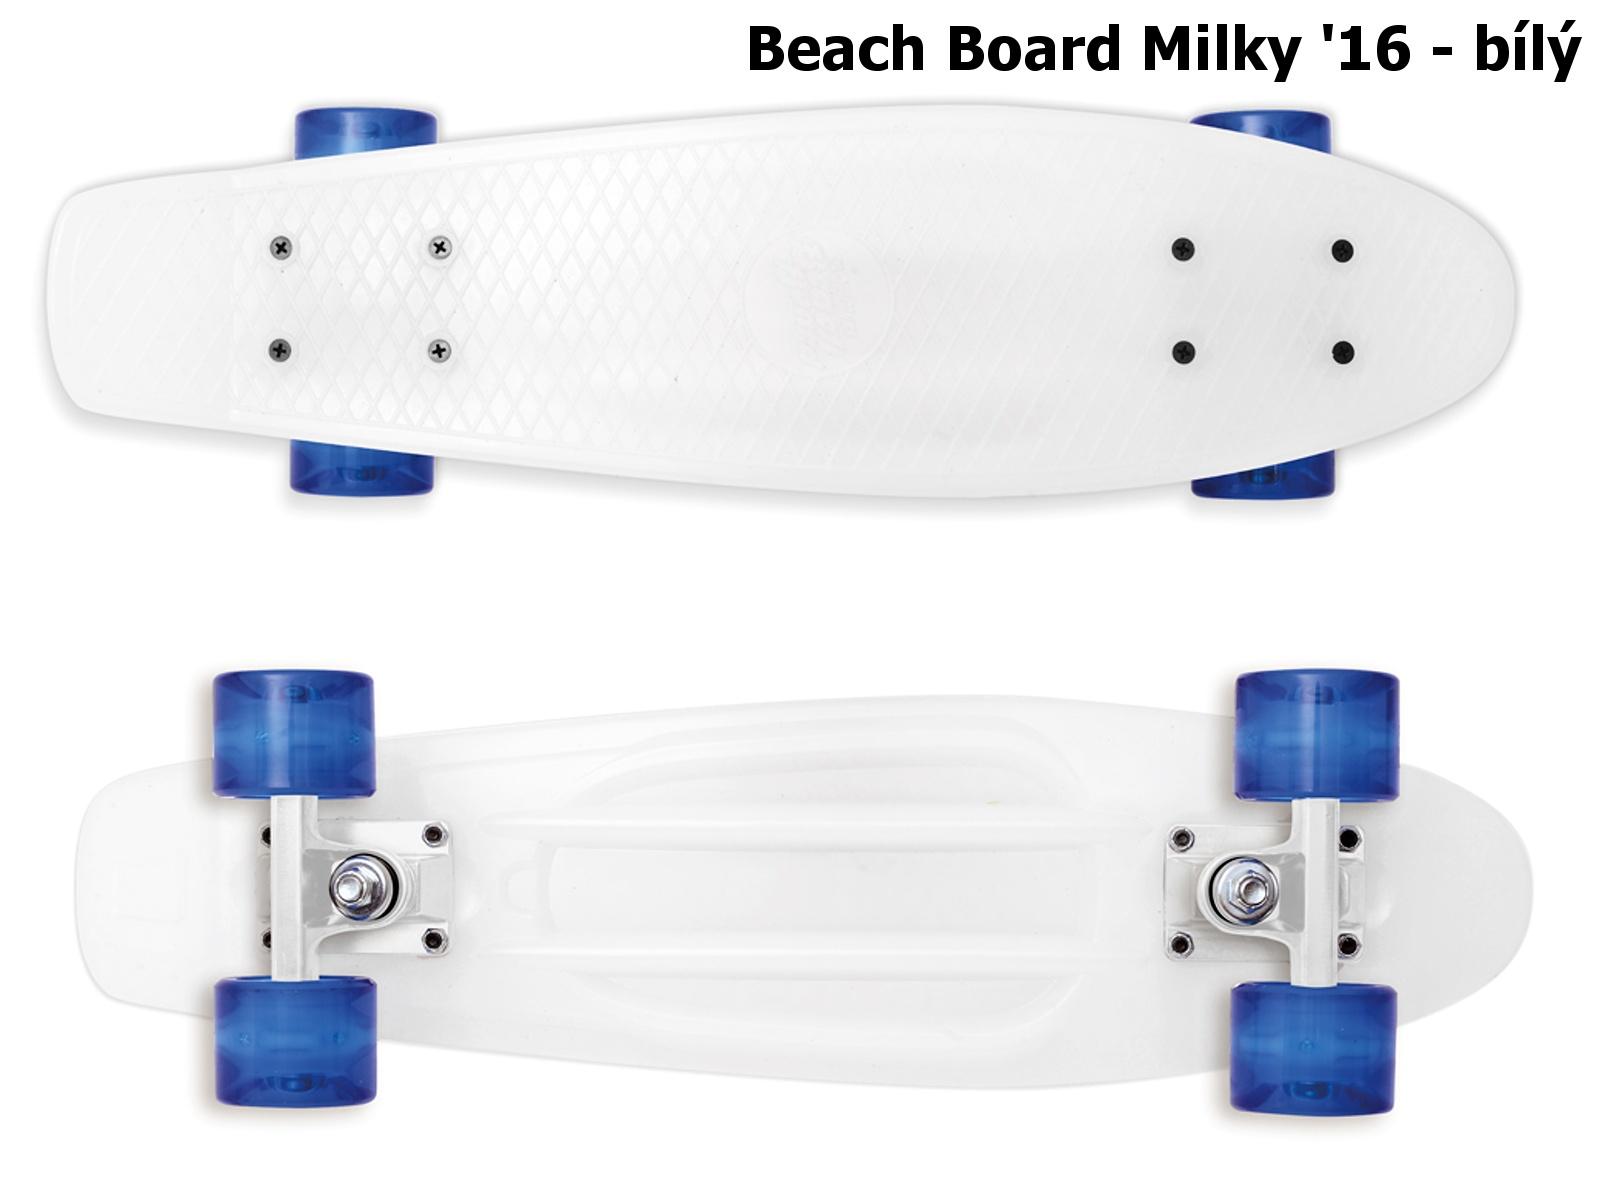 Skateboard STREET SURFING Beach Board Milky - bílý